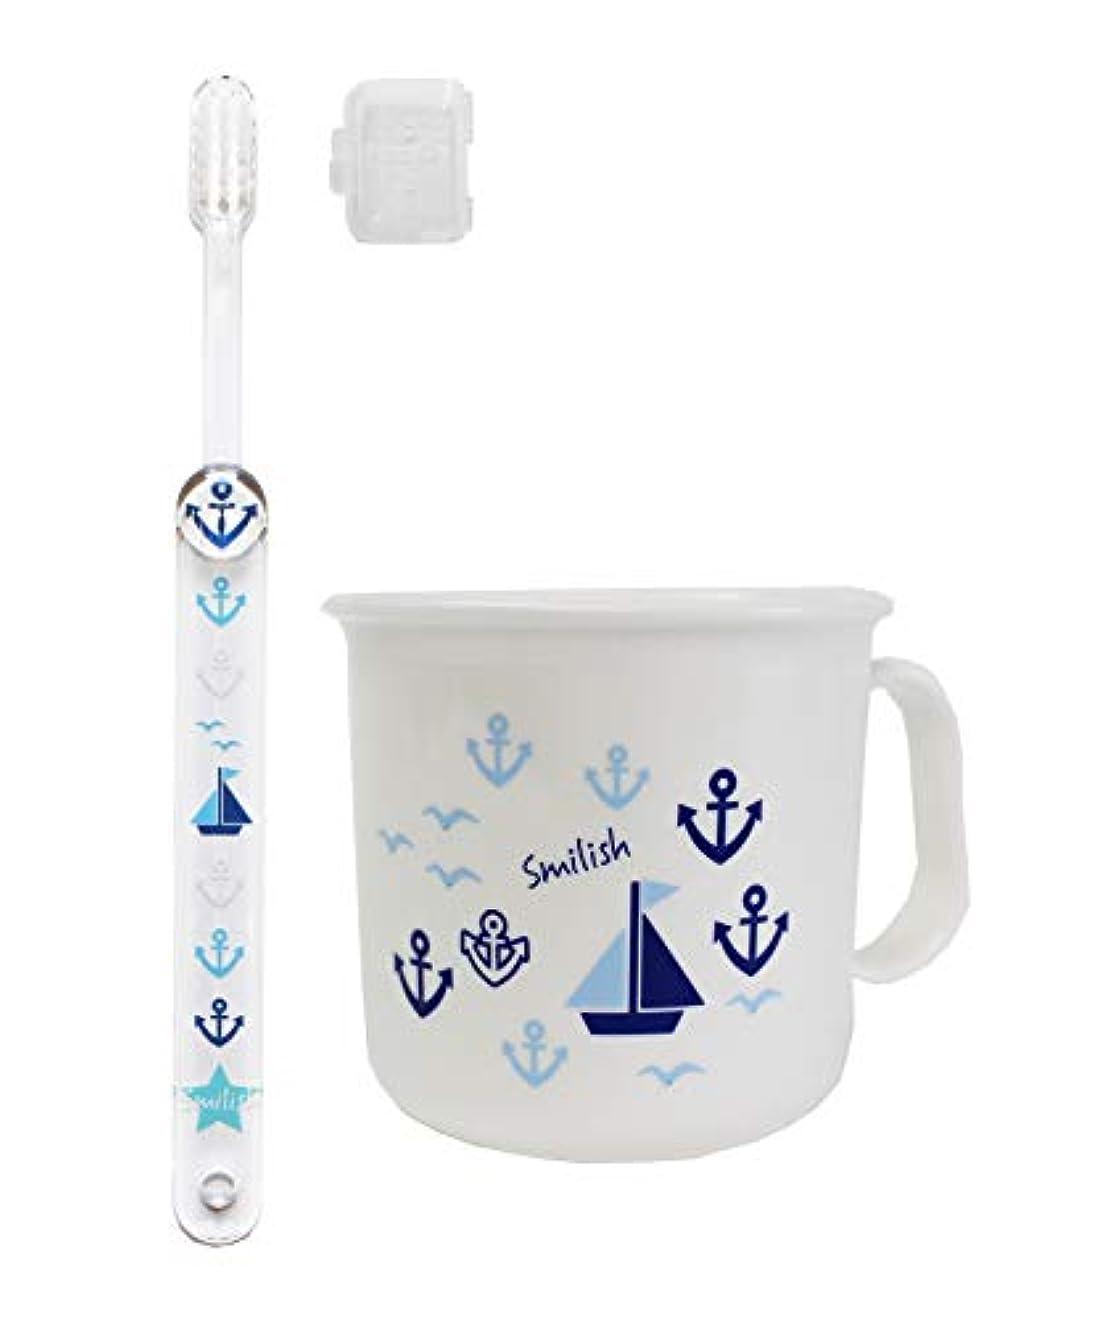 子ども歯ブラシ(キャップ付き) 耐熱コップセット マリン